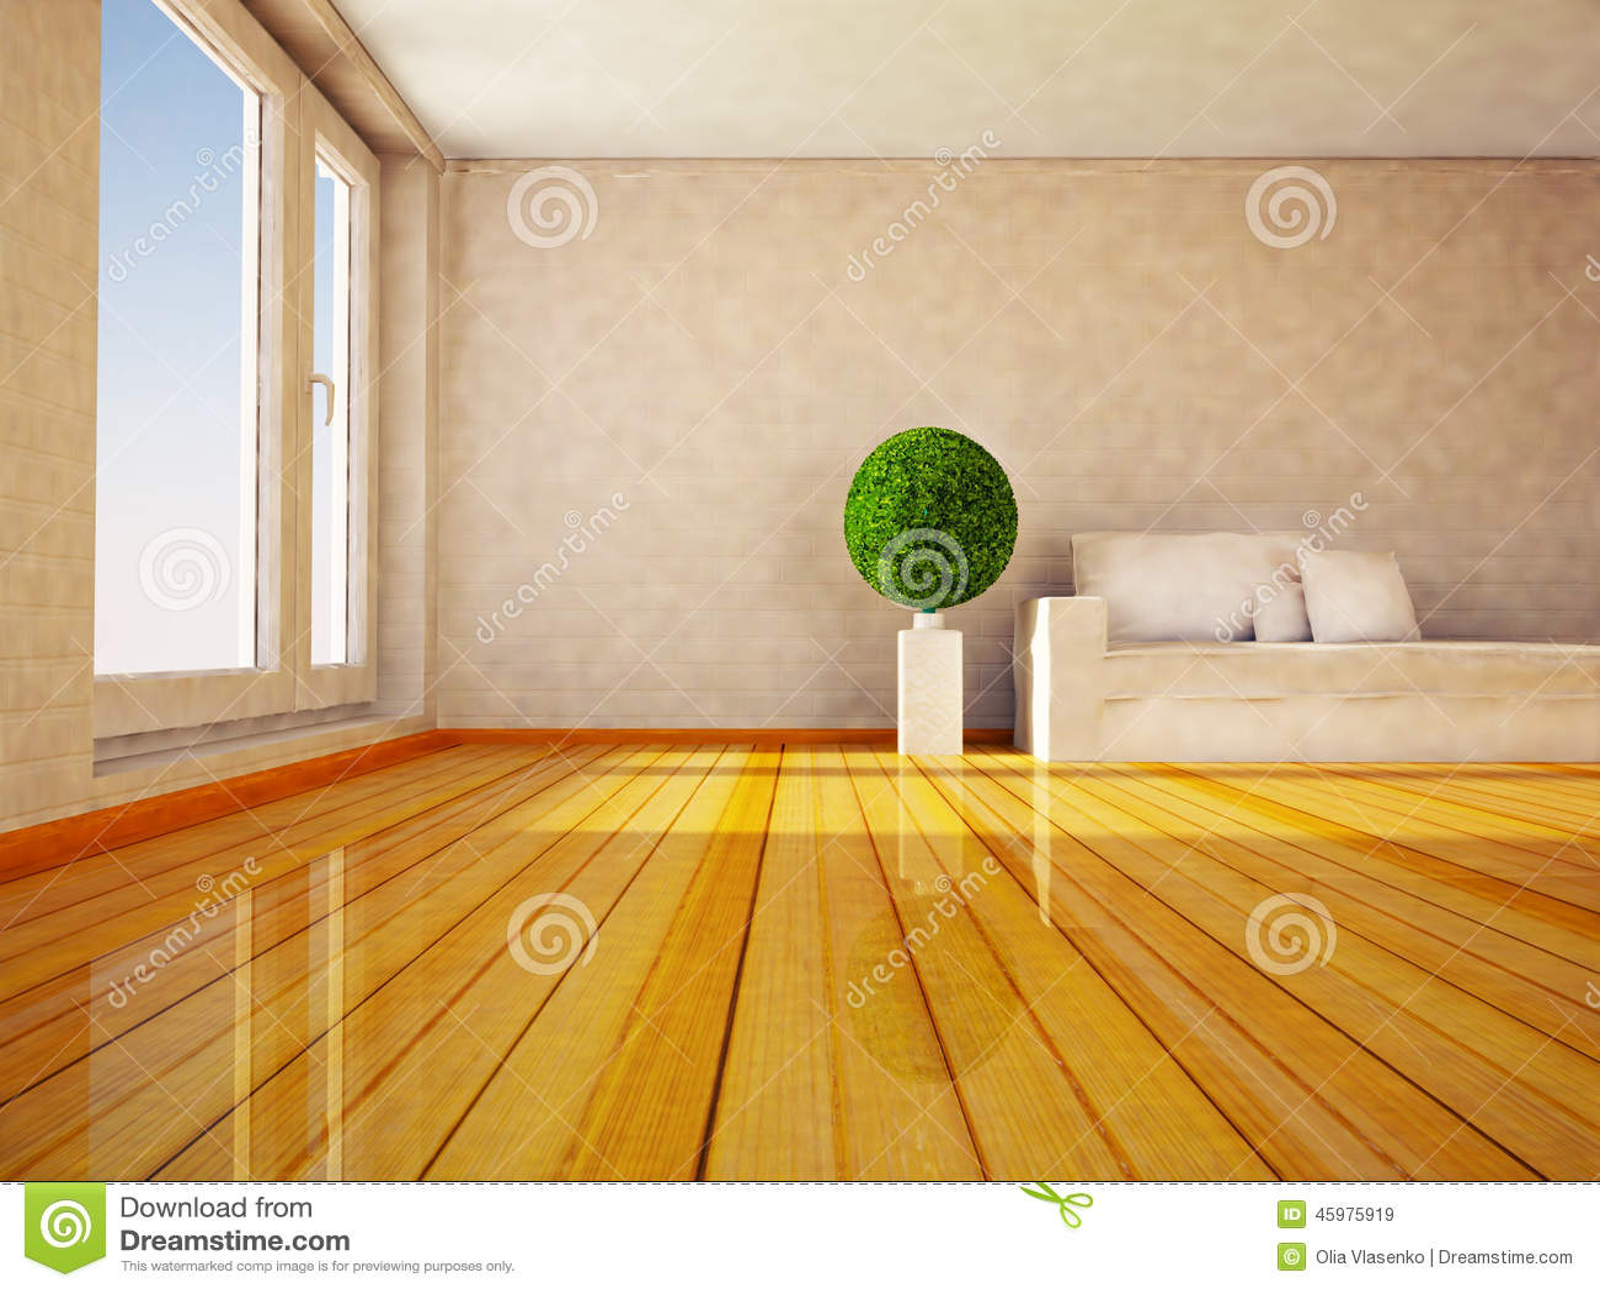 Plante verte ronde dans la chambre illustration stock - Plante dans une chambre ...